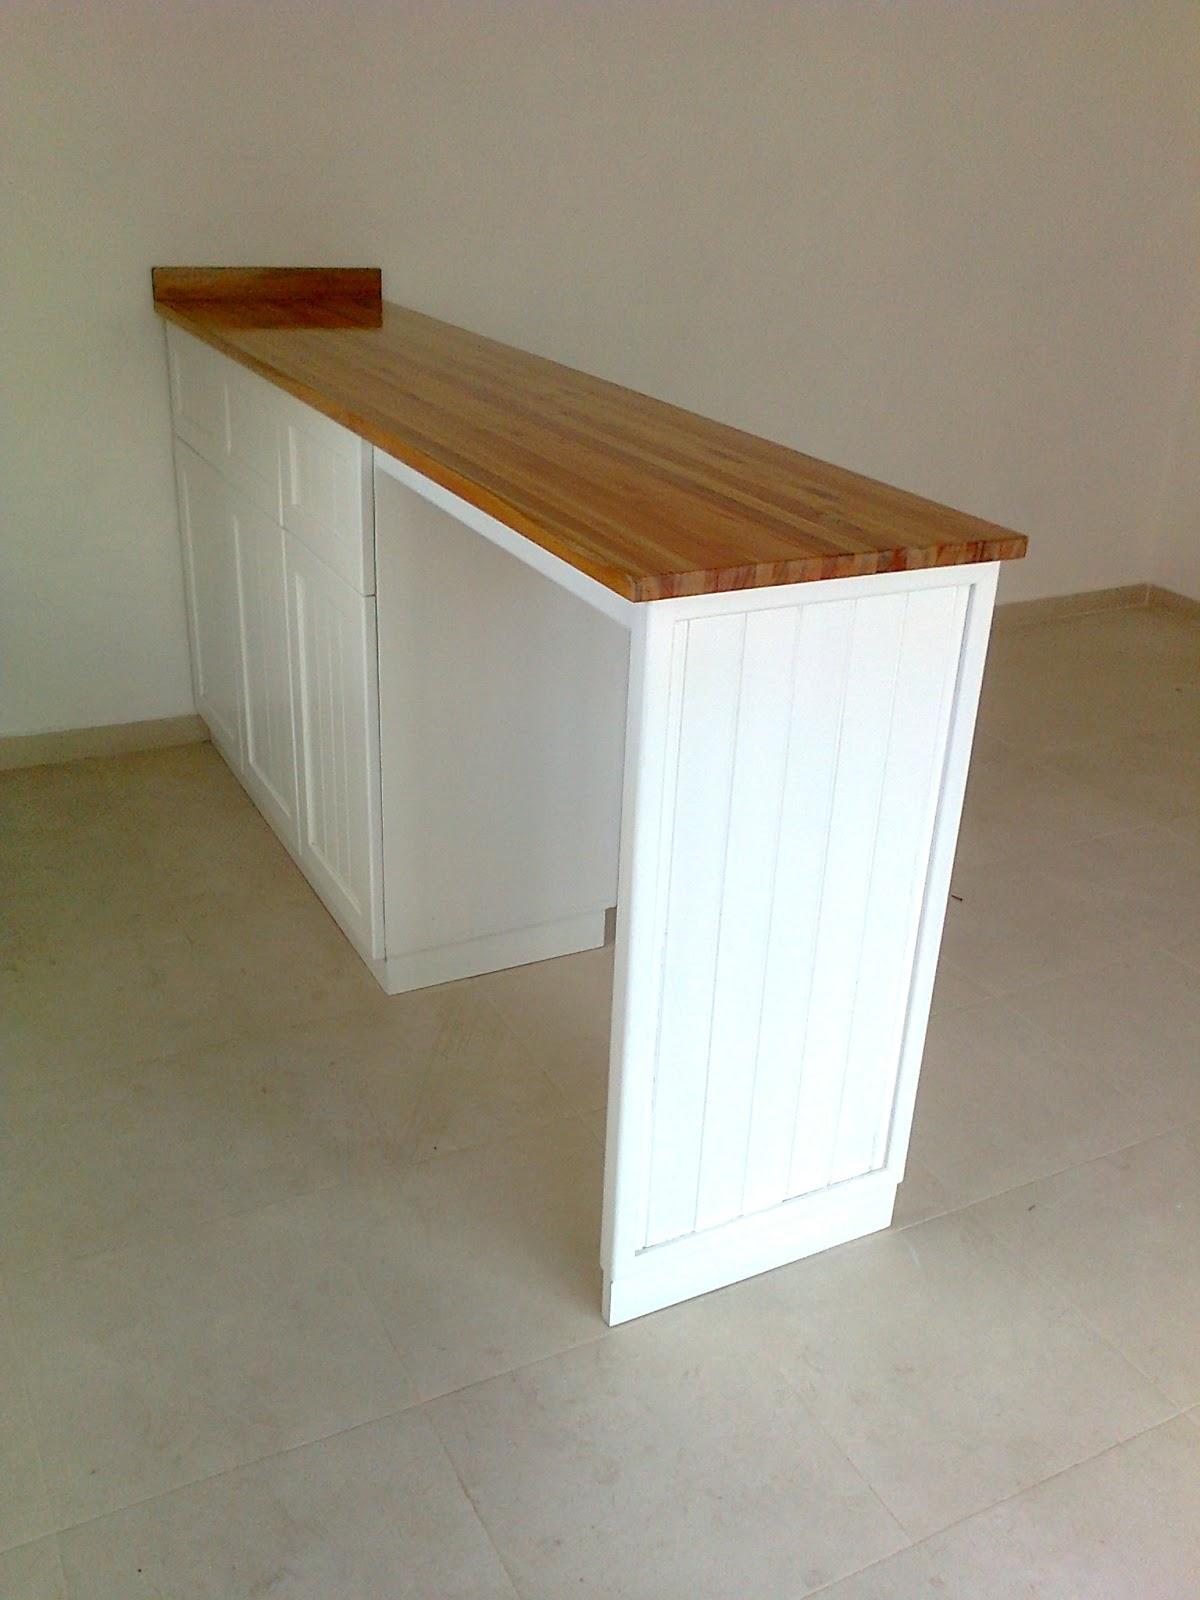 Benjamin mueble de cocina laqueado blanco con barra for Mueble barra cocina